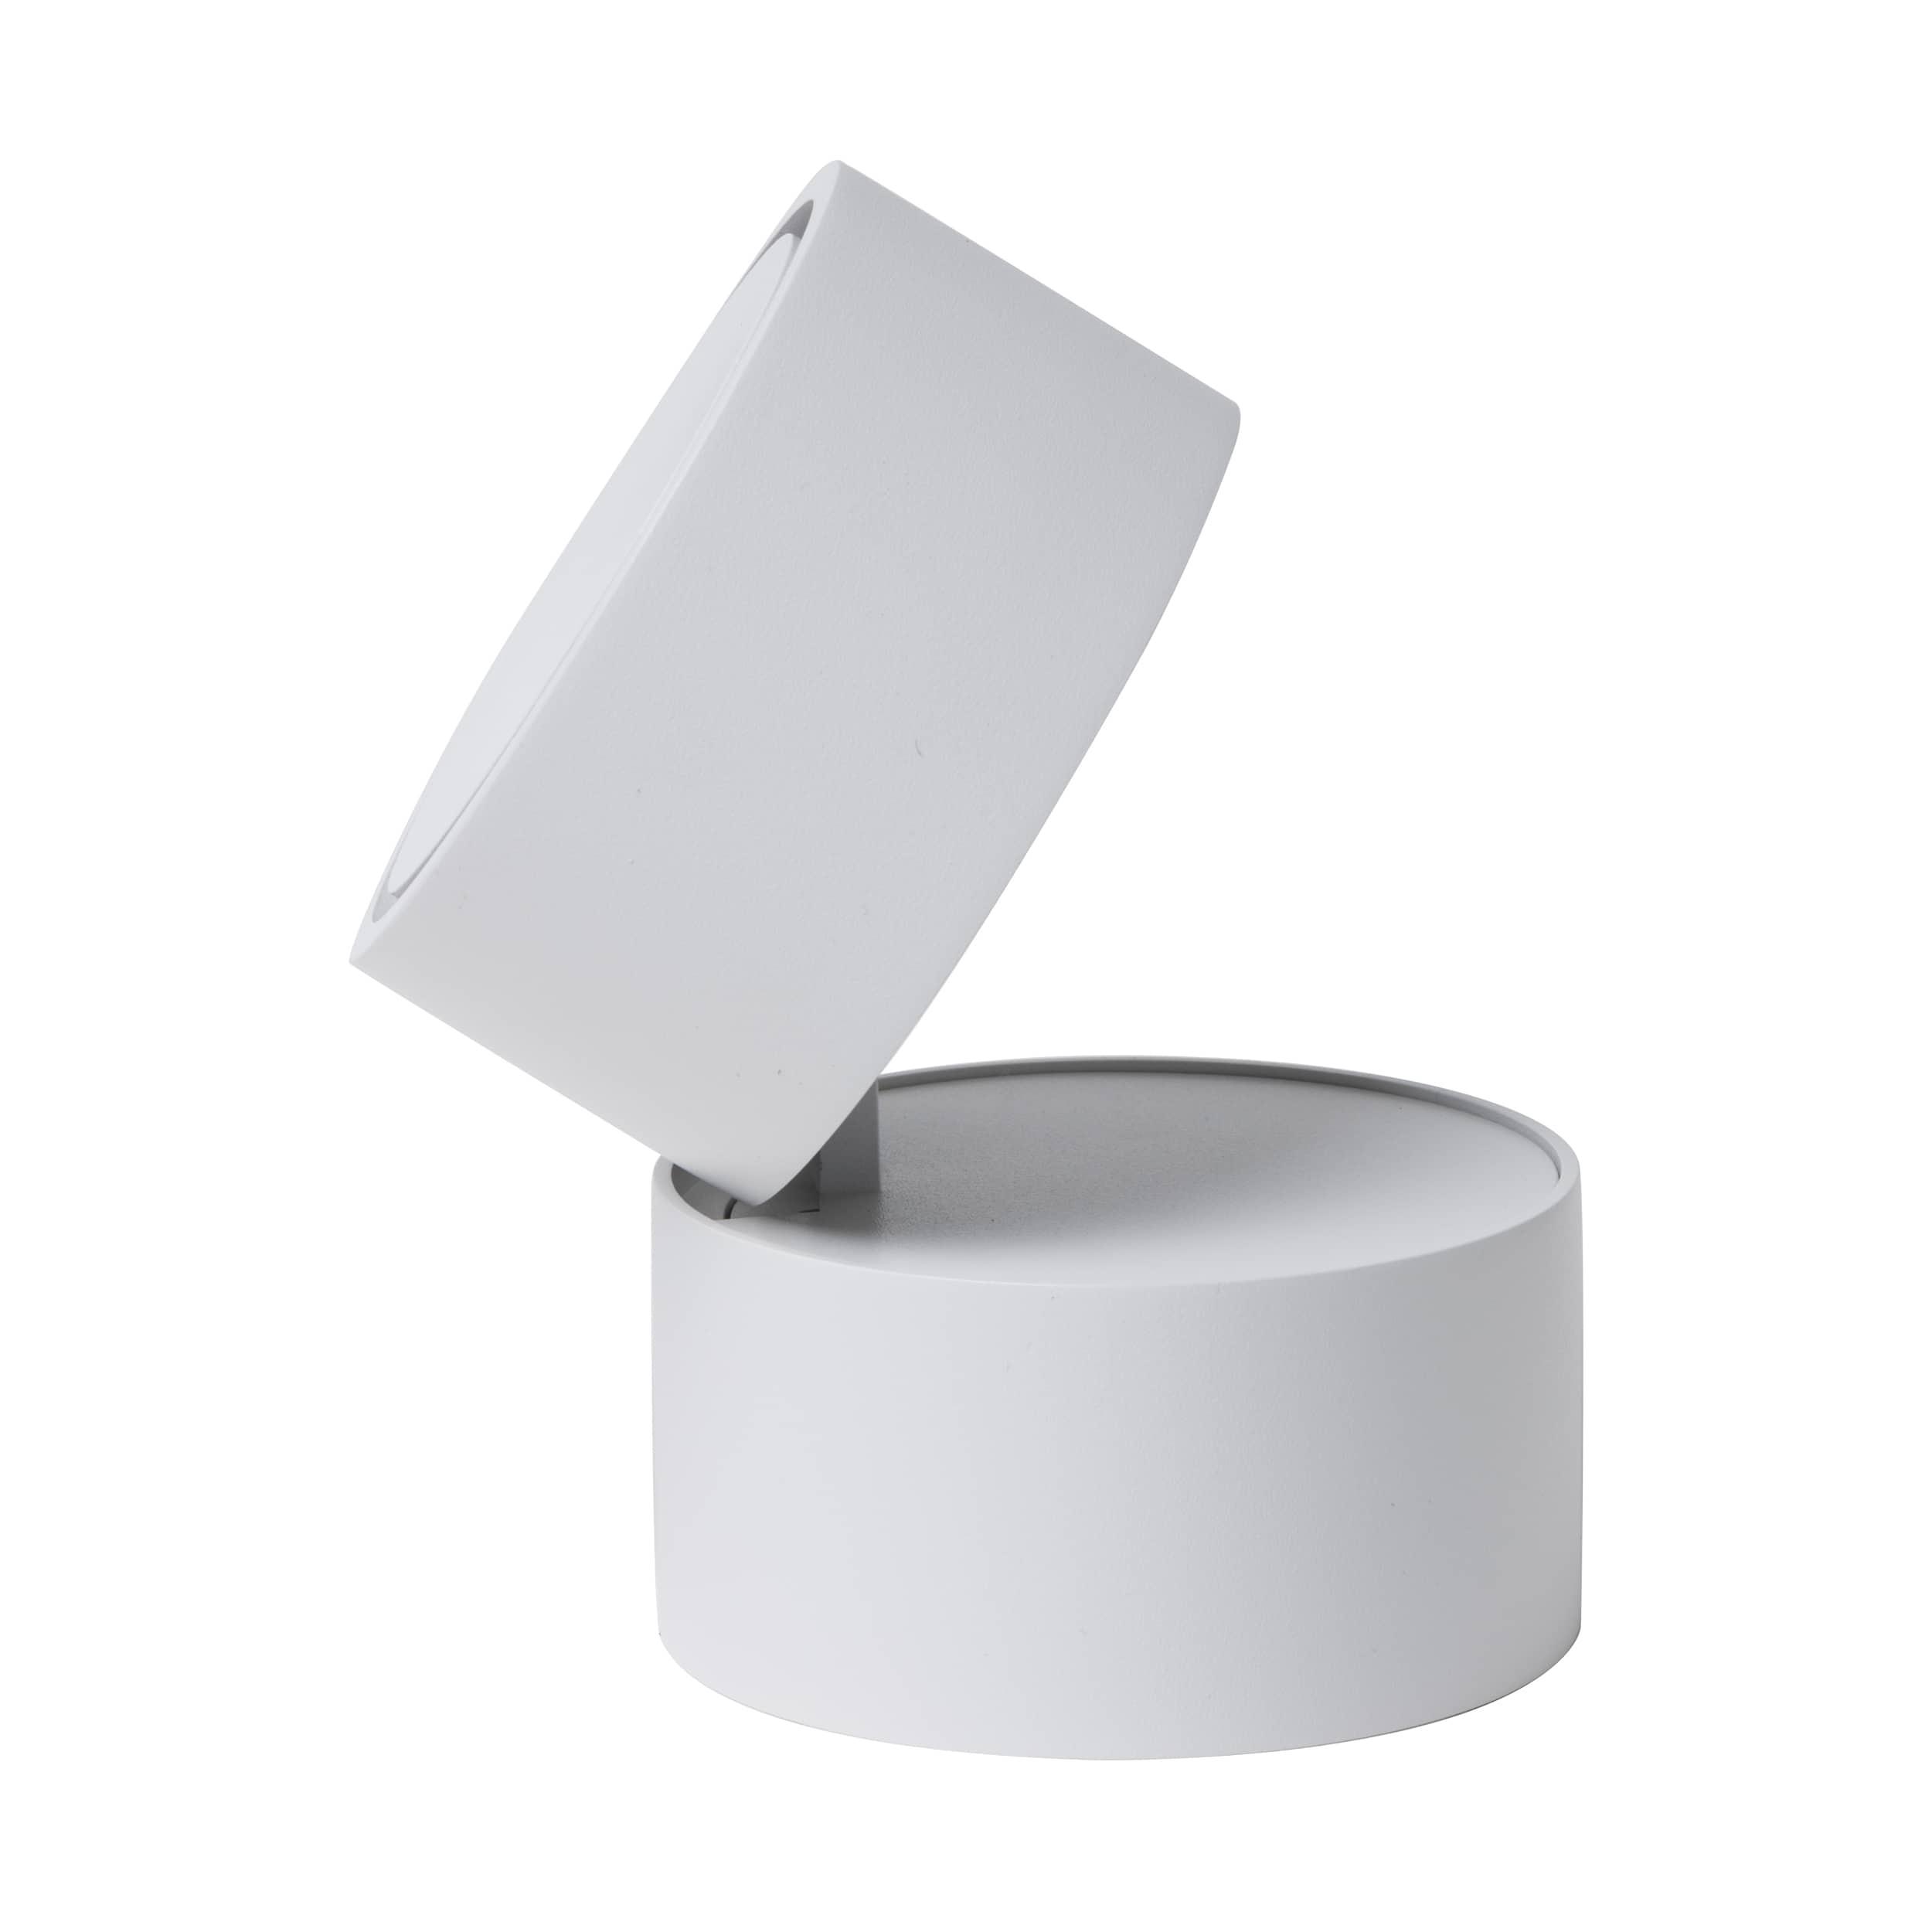 Clippo LED Wand- und Deckenstrahler